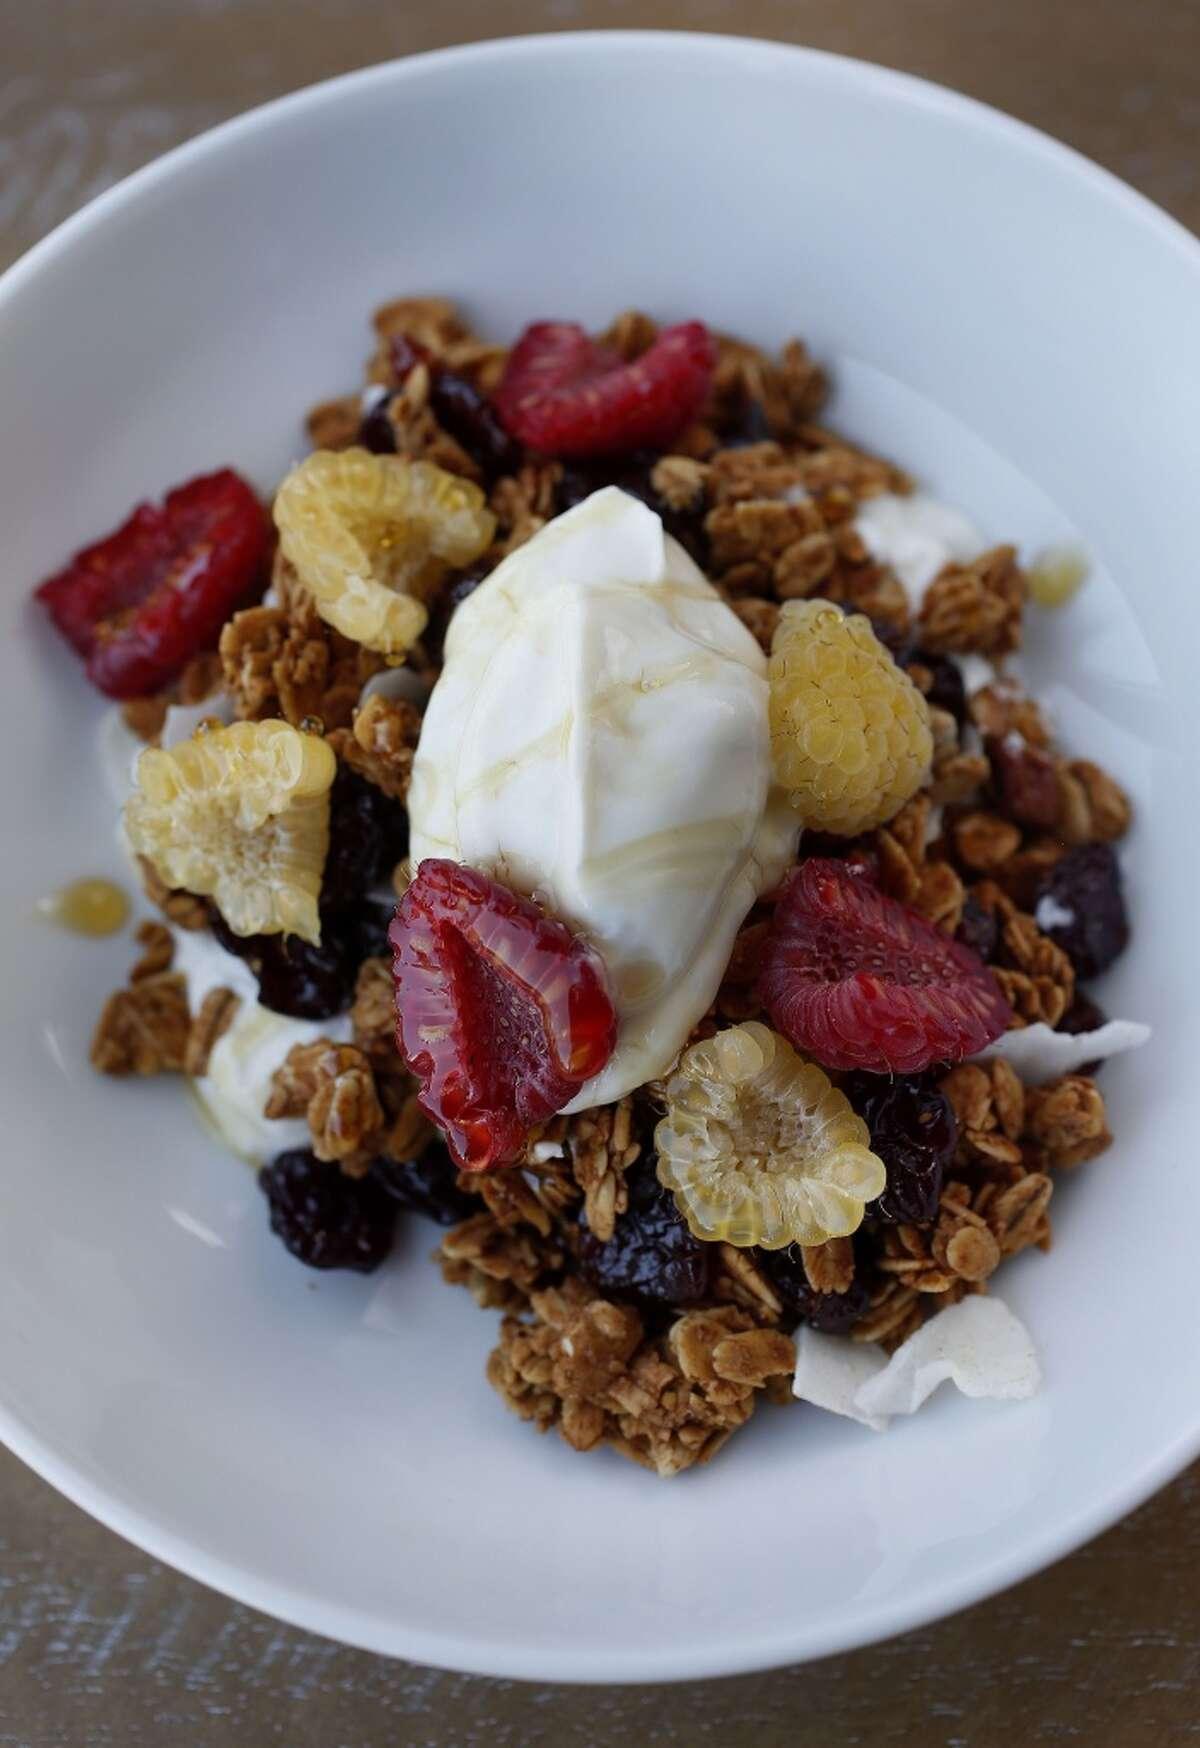 Yogurt and granola with honey and berries at Bosta Wine & Coffee.